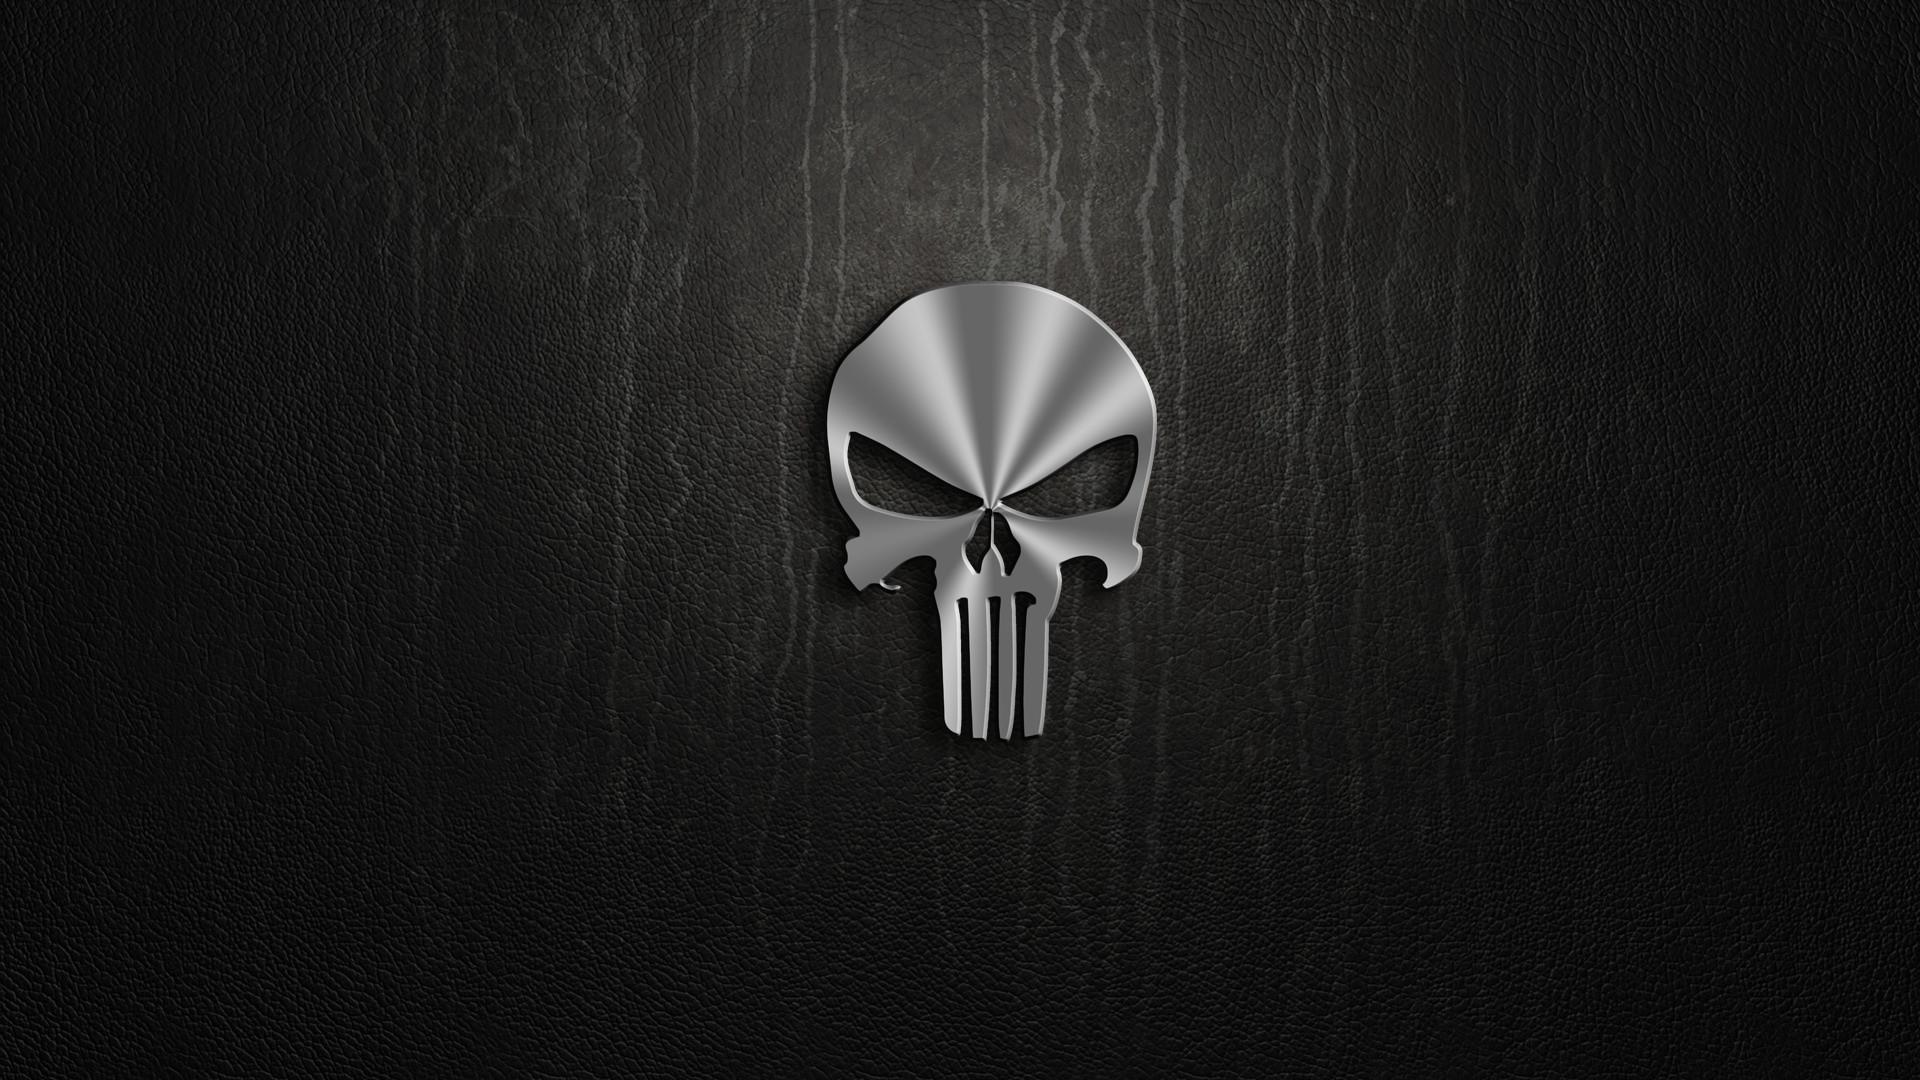 The Punisher Skull Wallpaper ·① WallpaperTag